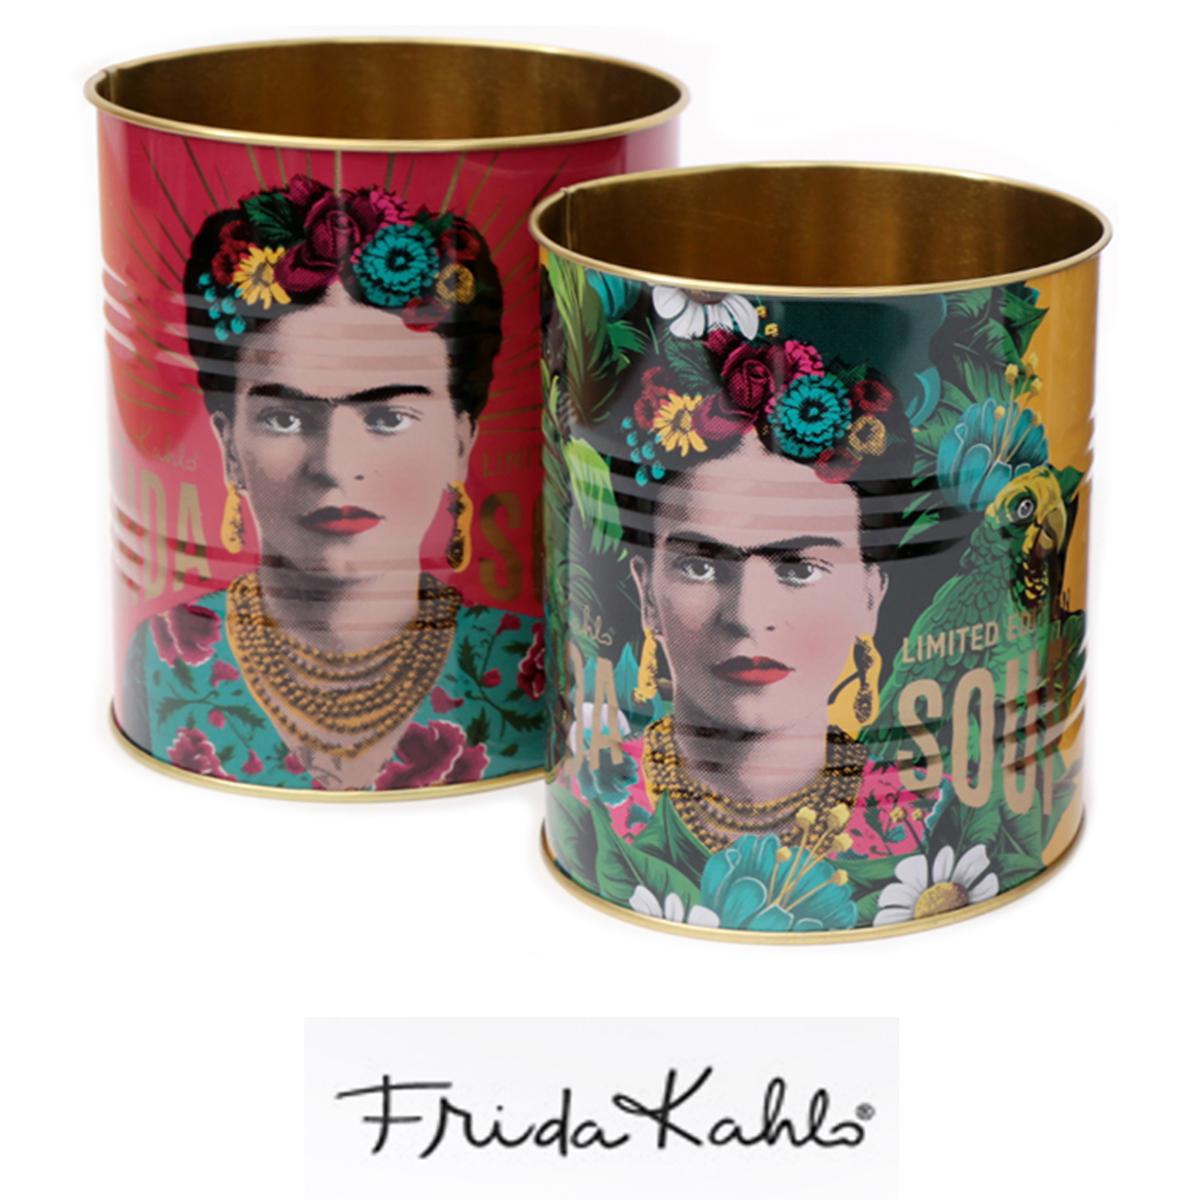 Lot de 2 pots à couverts métal \'Frida Kahlo\' rose jaune - 13x11 cm et 12x10 cm - [A0037]